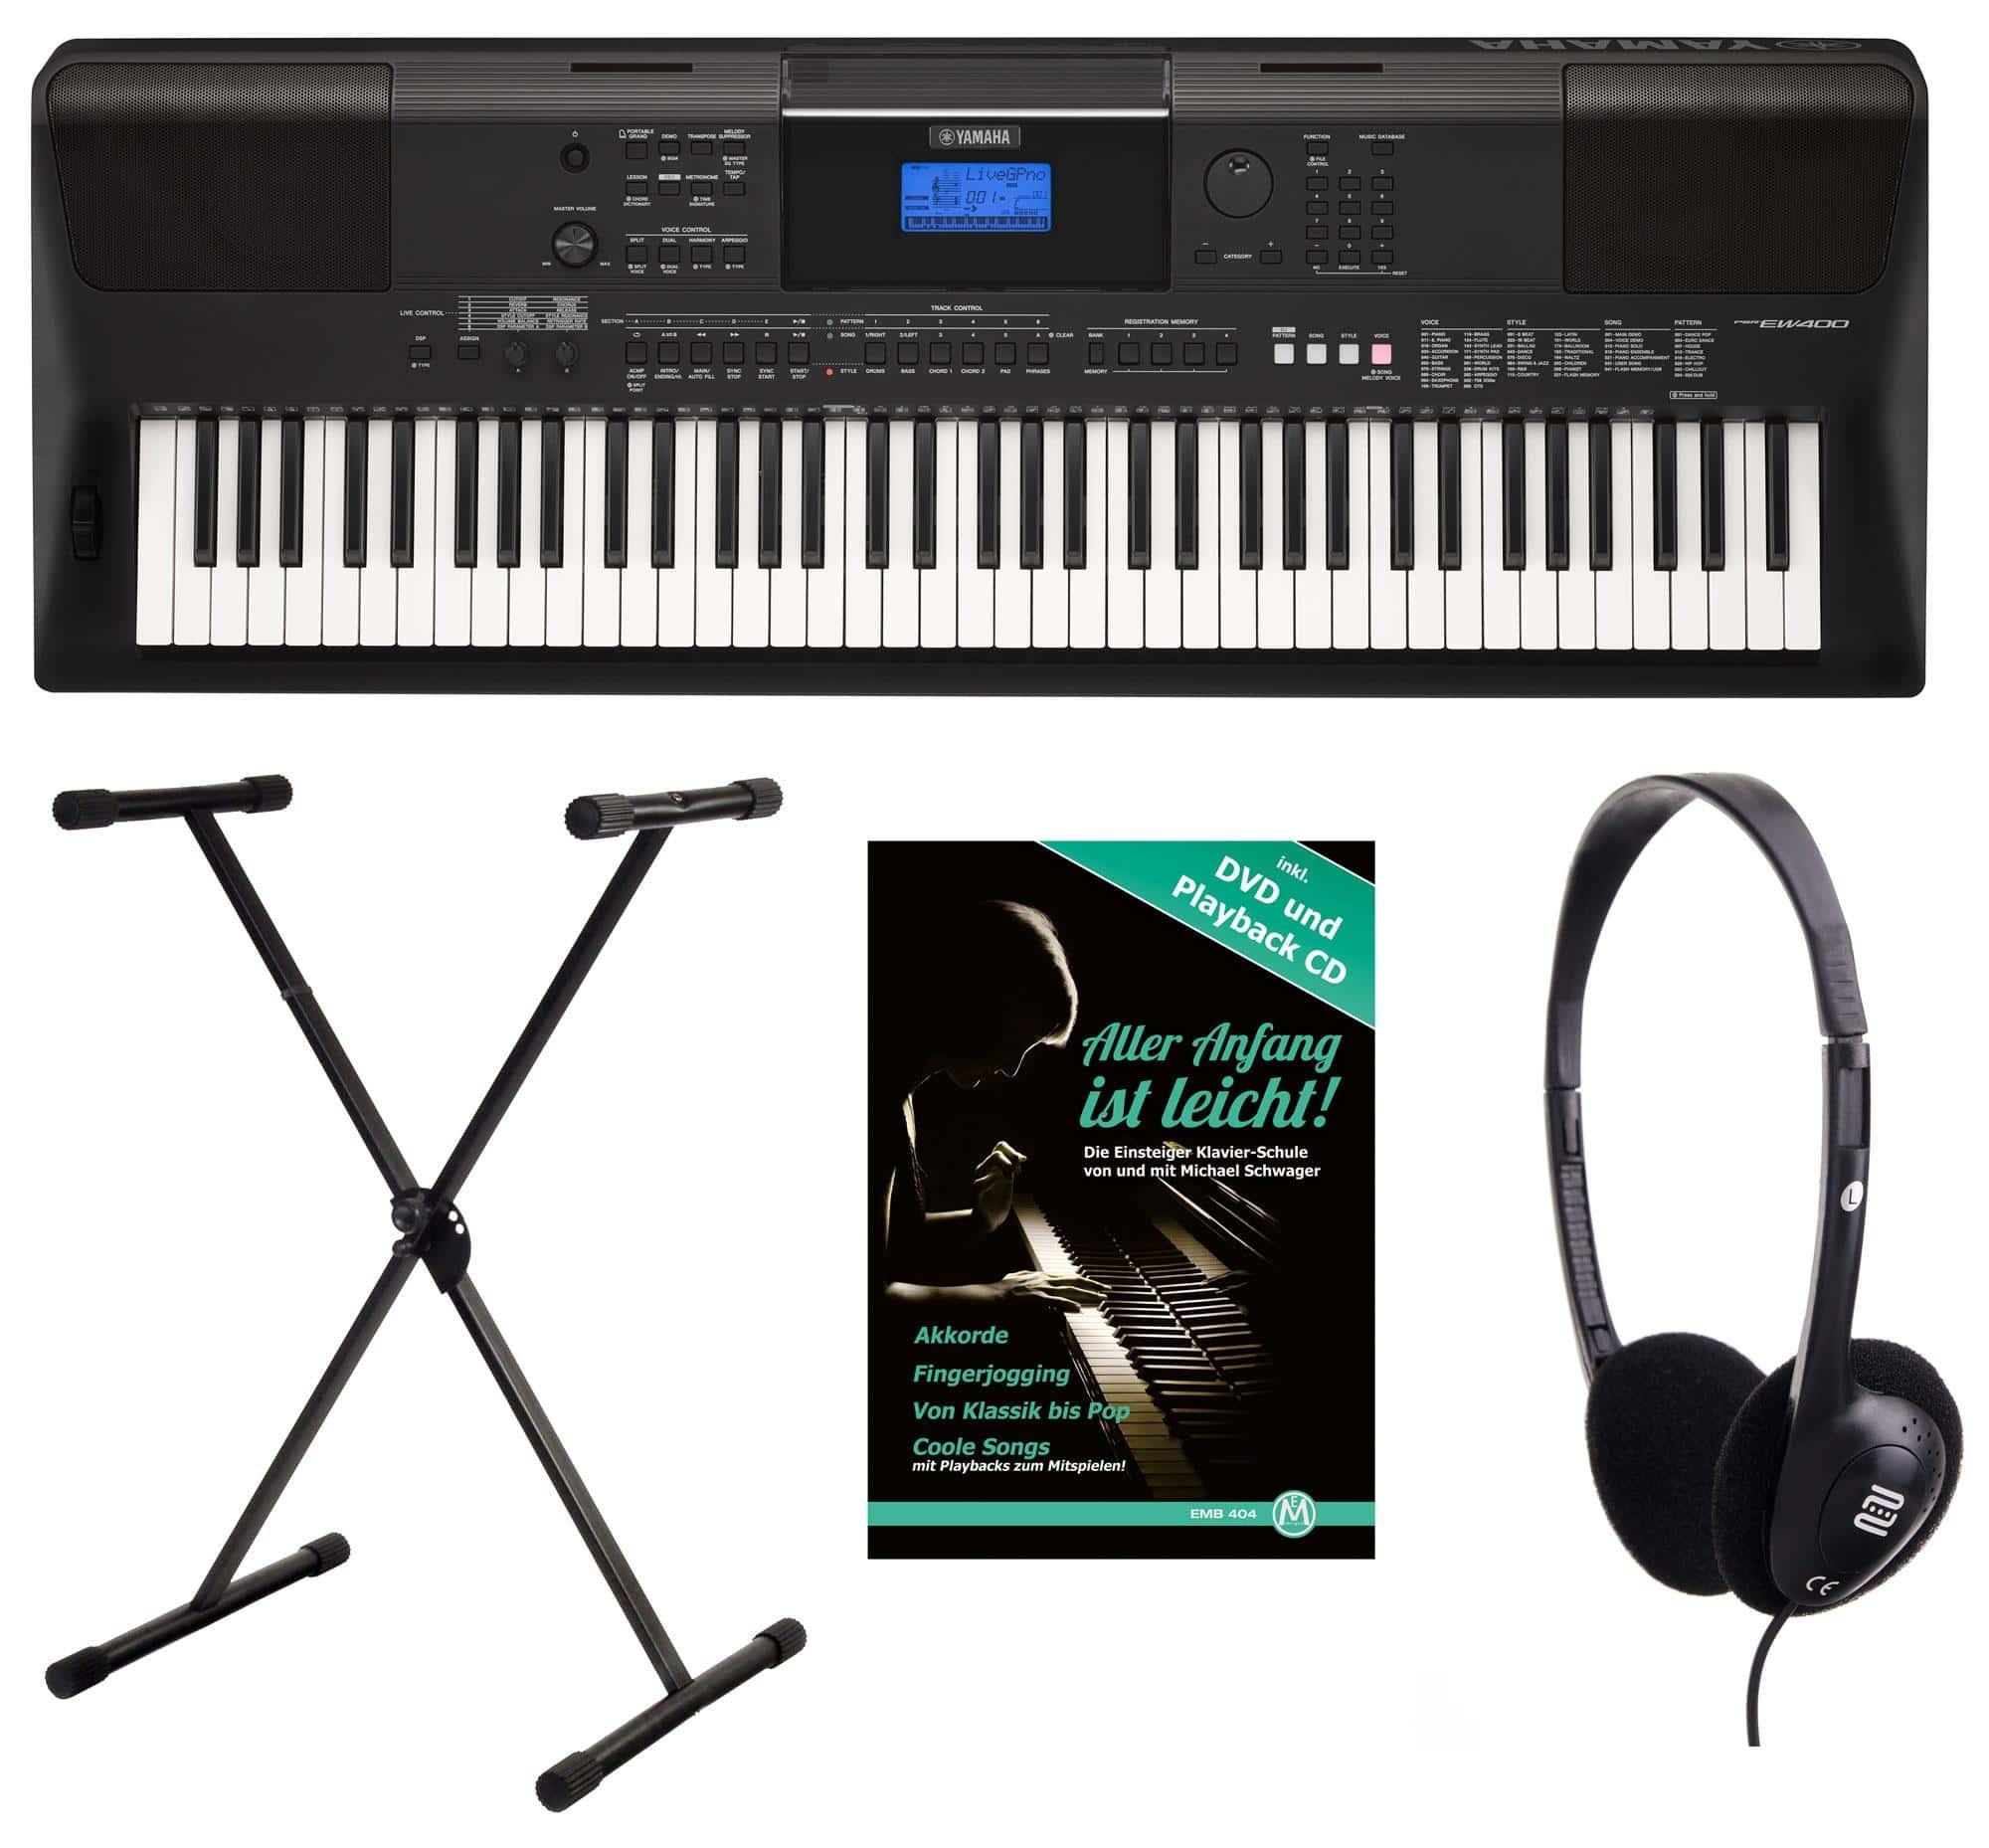 Yamaha psr ew 400 keyboard mit 76 tasten set for Yamaha ew 400